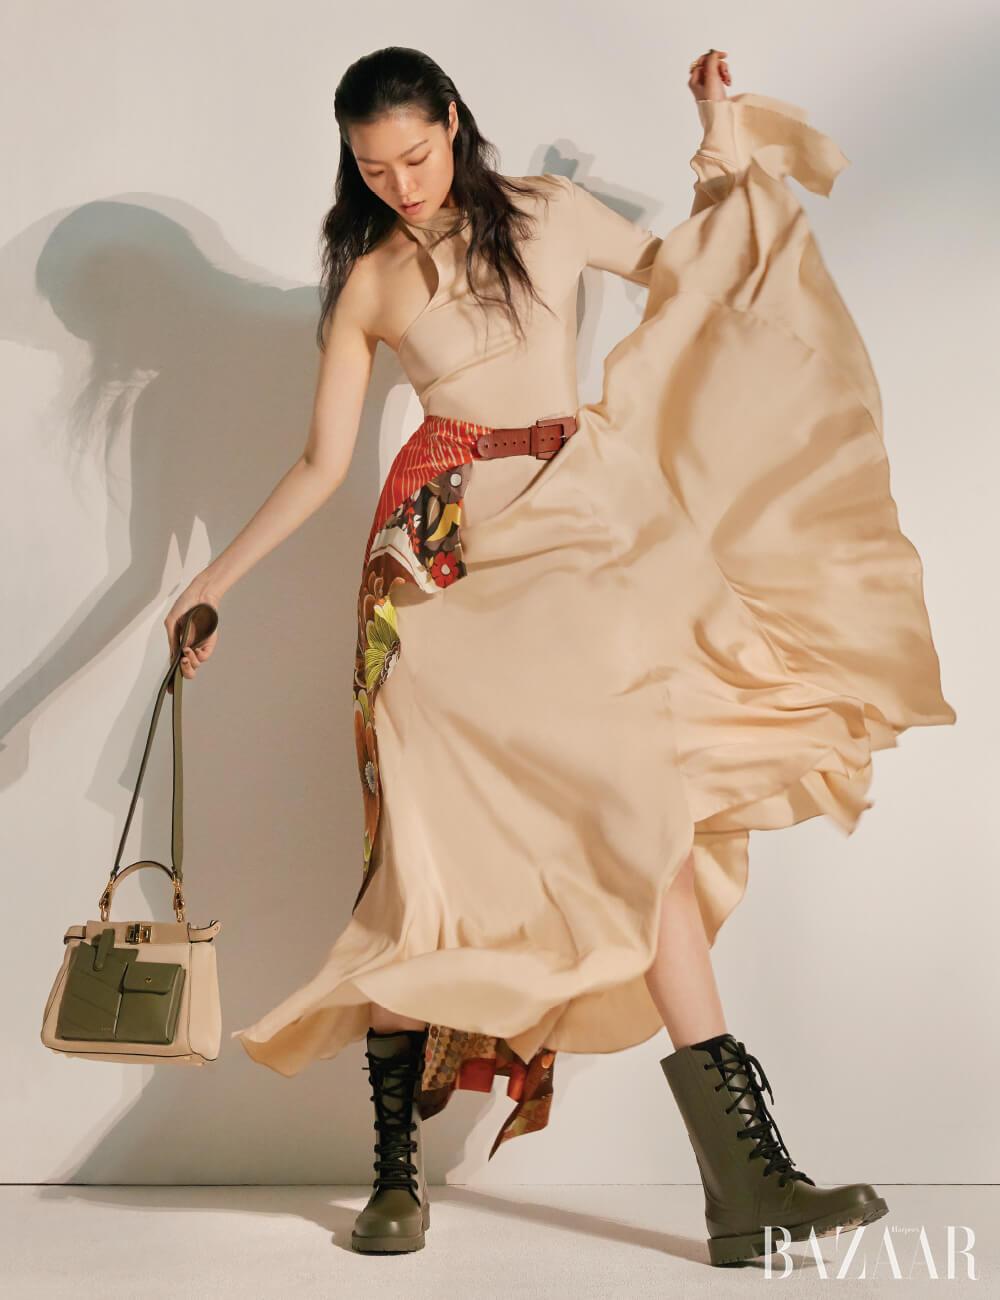 원 숄더 드레스는 5백만원대, 벨트 디테일 파레오는 2백만원대 모두 Chloé, 원석 반지는 26만8천원 S. Sil, 포켓 백은 4백55만원, 스트랩은 1백17만원 모두 Fendi, 러버 워커 부츠는 1백18만원 Dior.